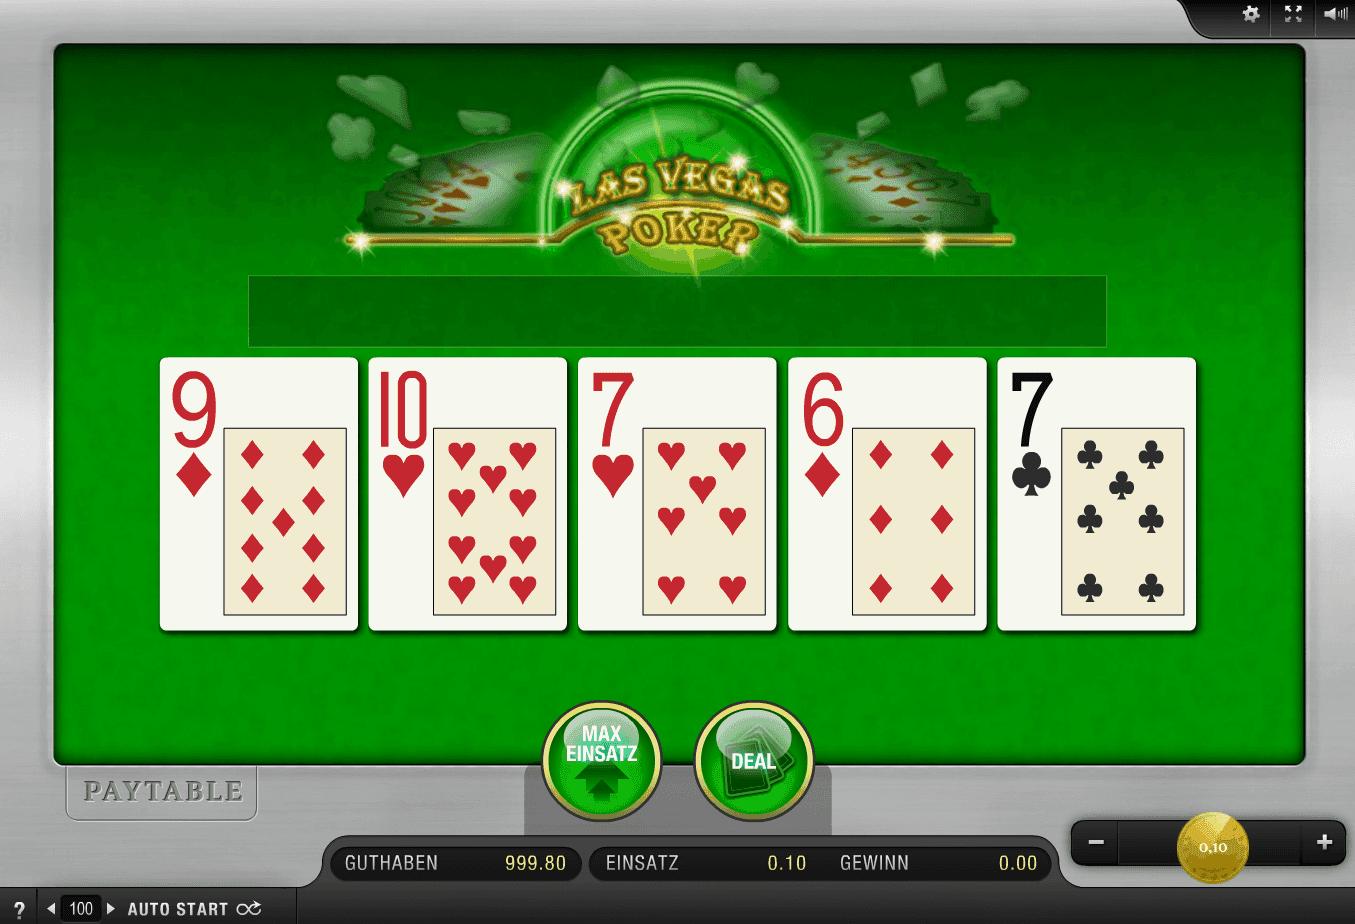 Poker Online Ohne Anmeldung Kostenlos